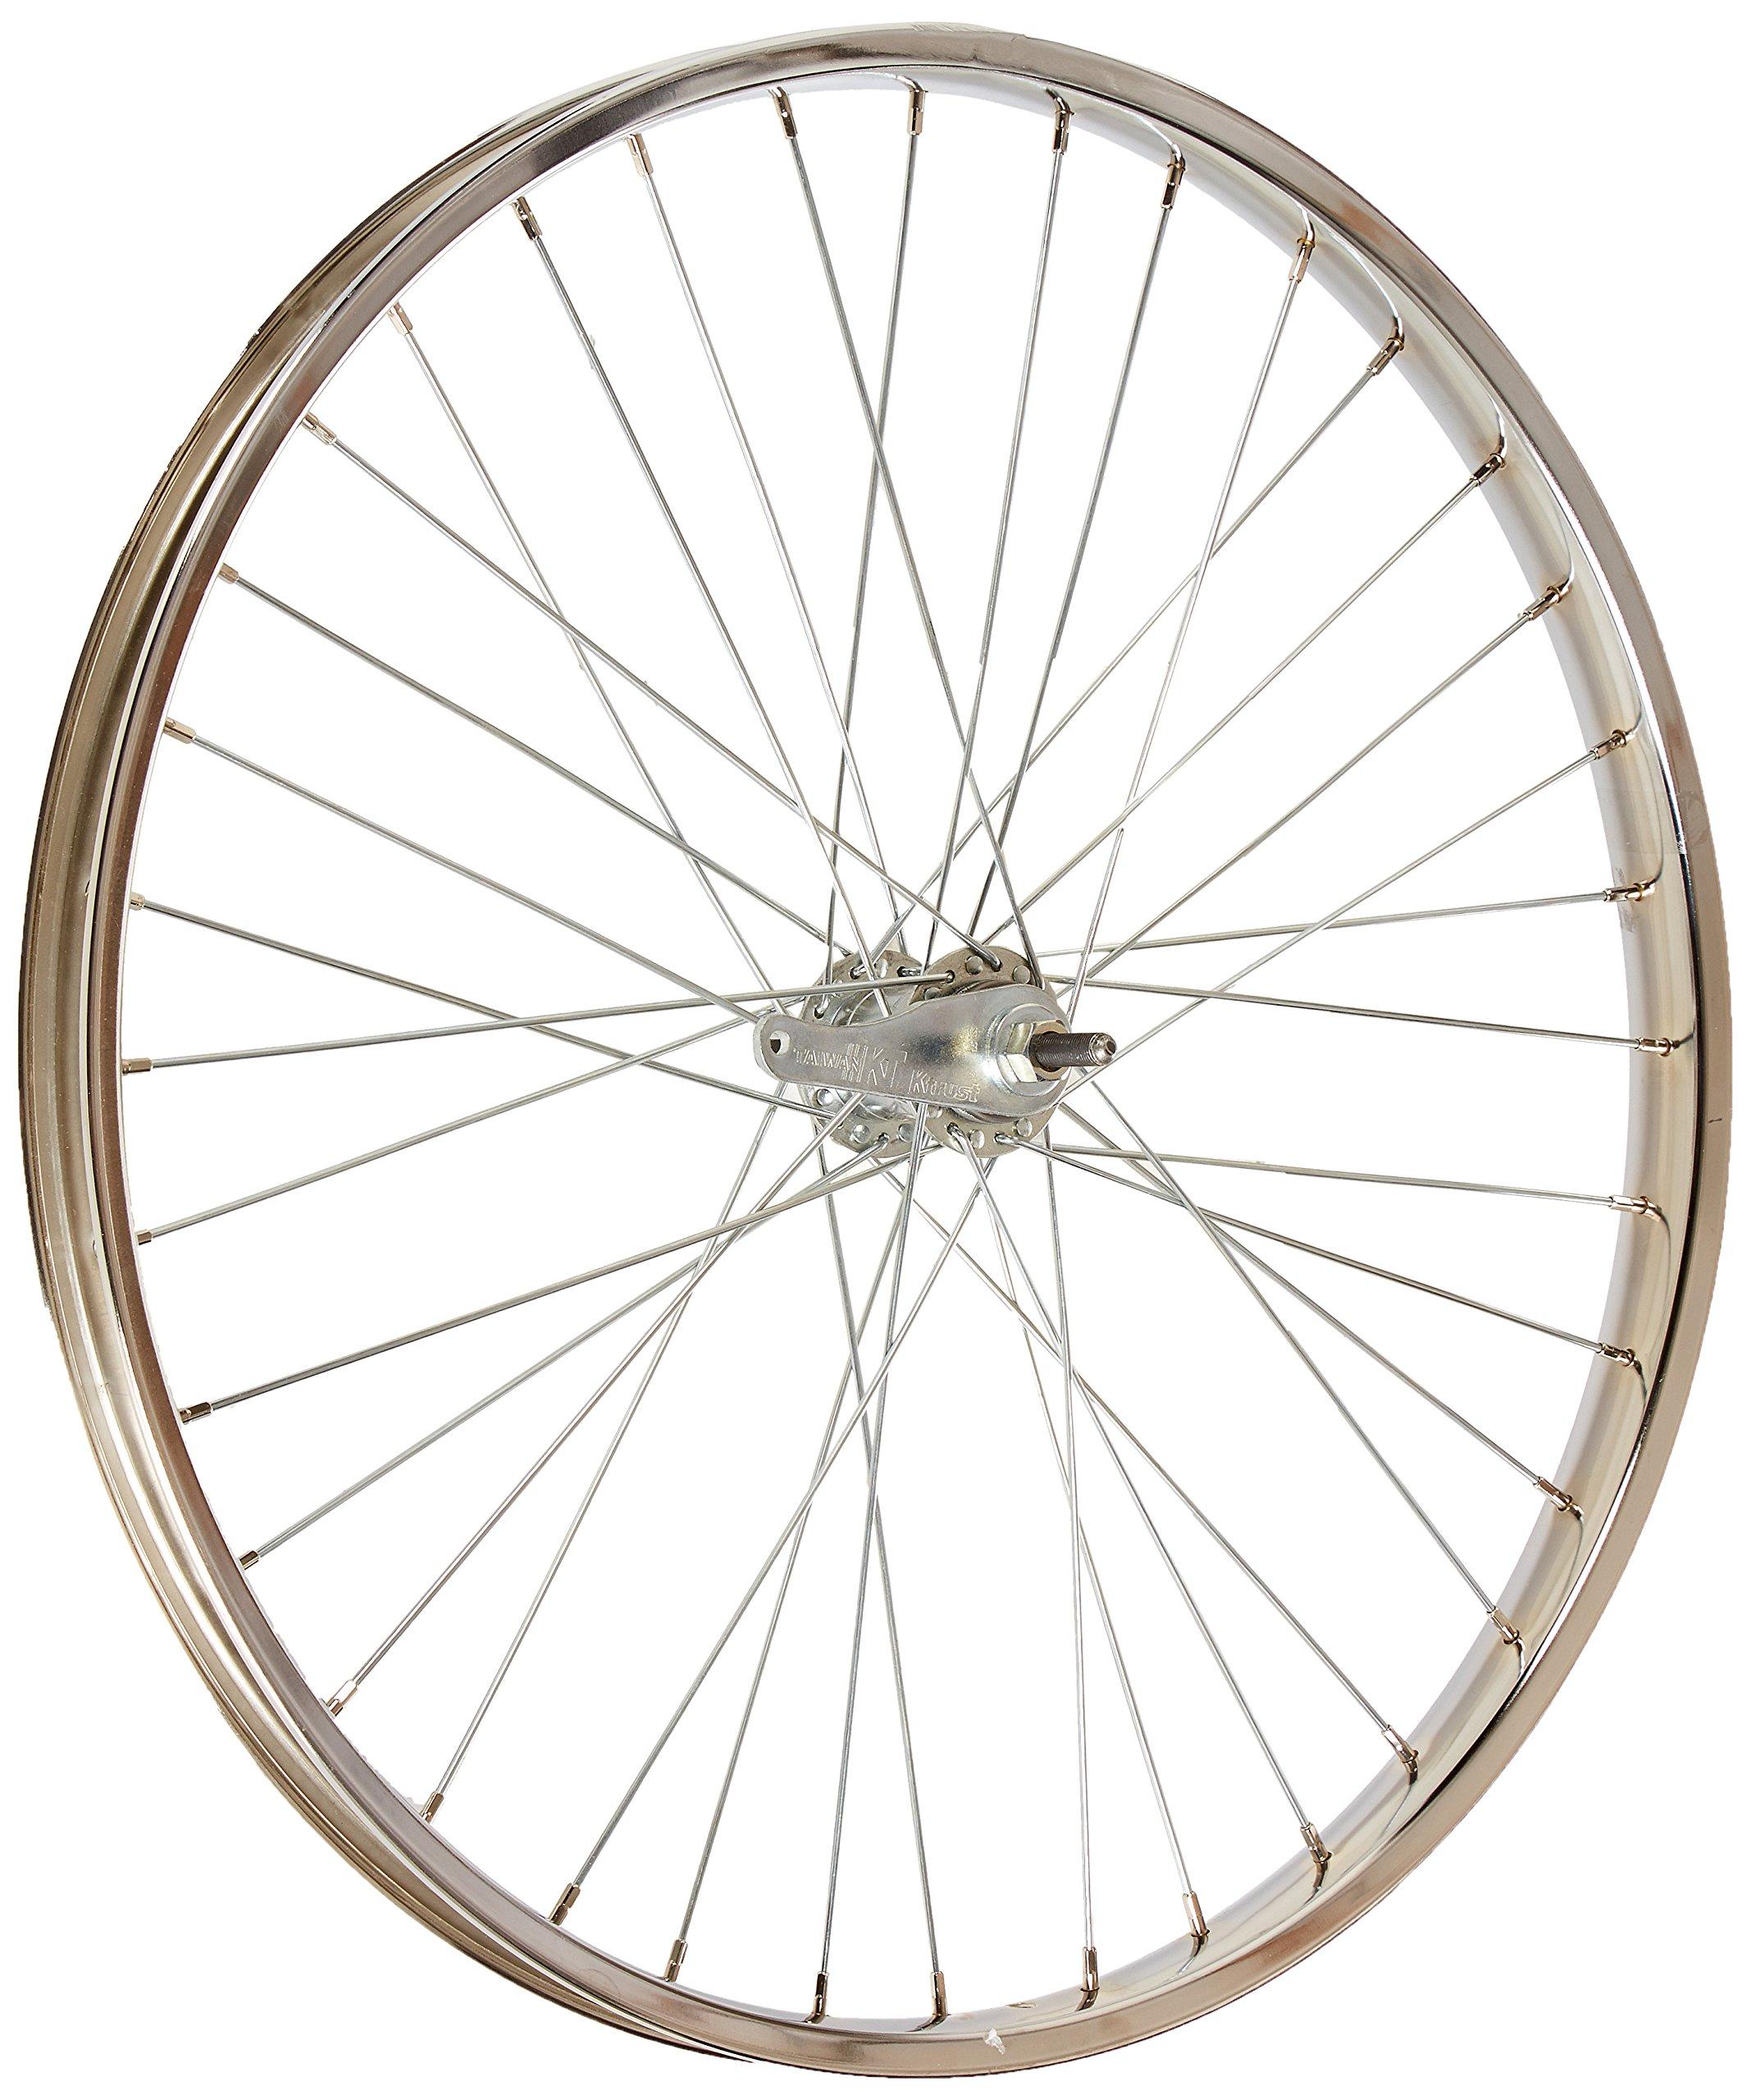 Sta-Tru Steel Hub Front Wheel (26X2.125-Inch)